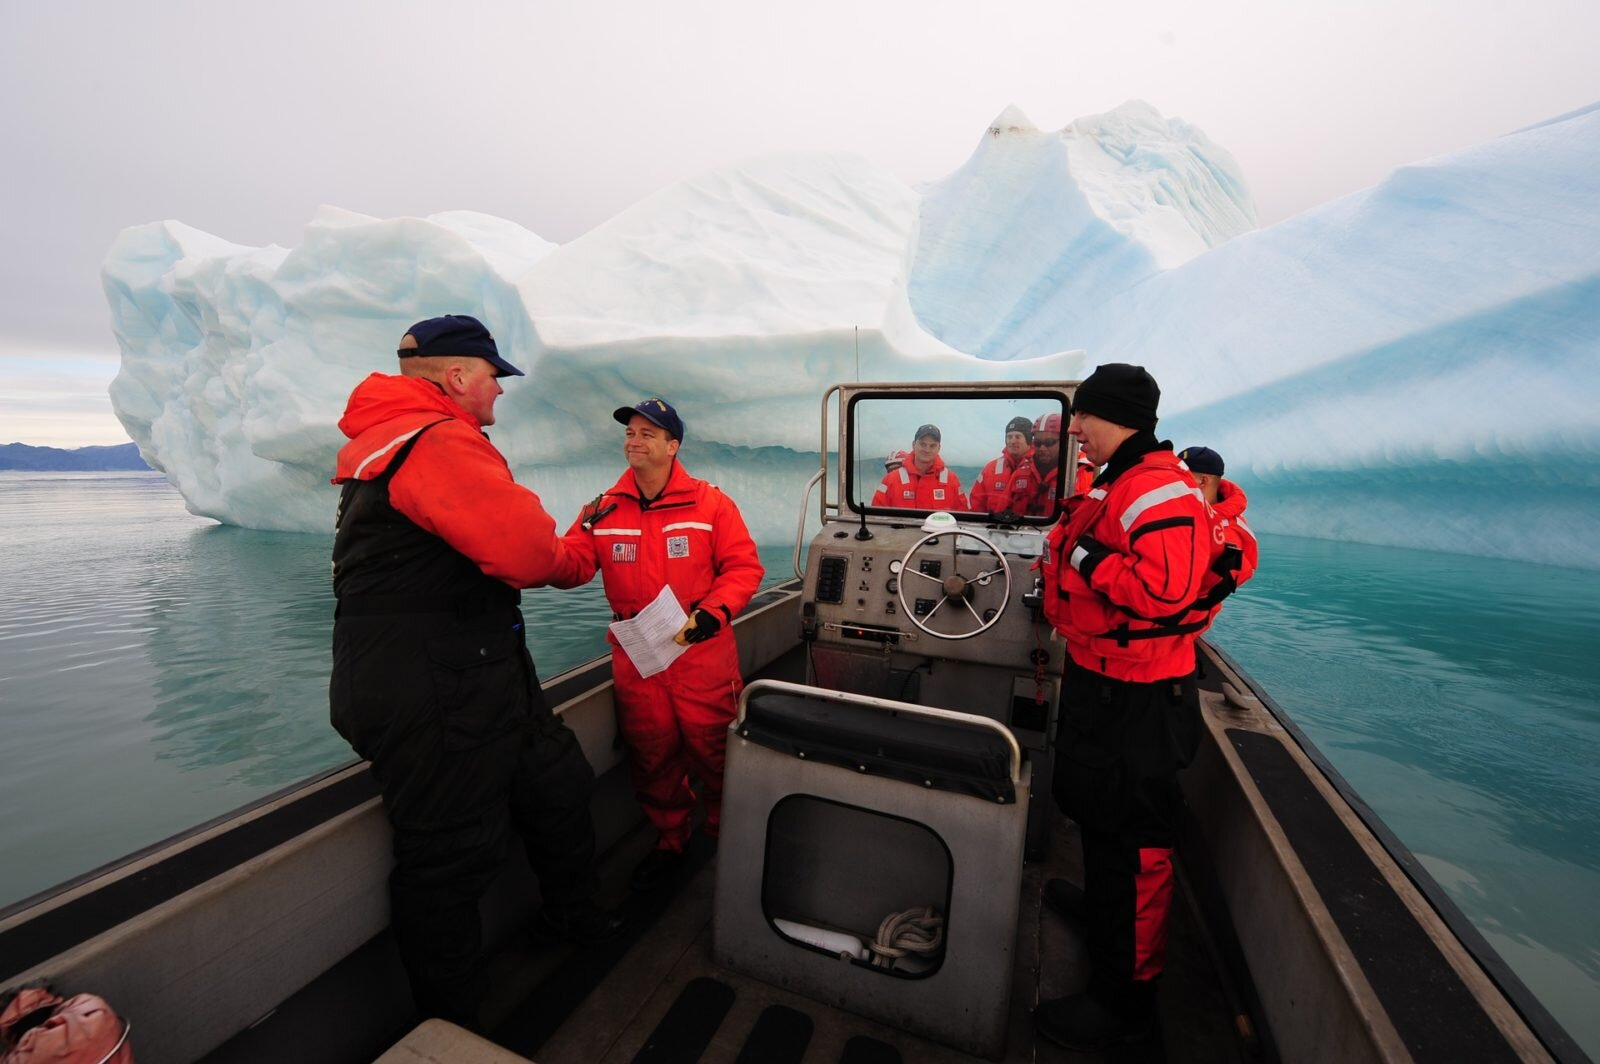 Mayday Ośrodek Szkoleń Ratownictwa Morskiego Foto